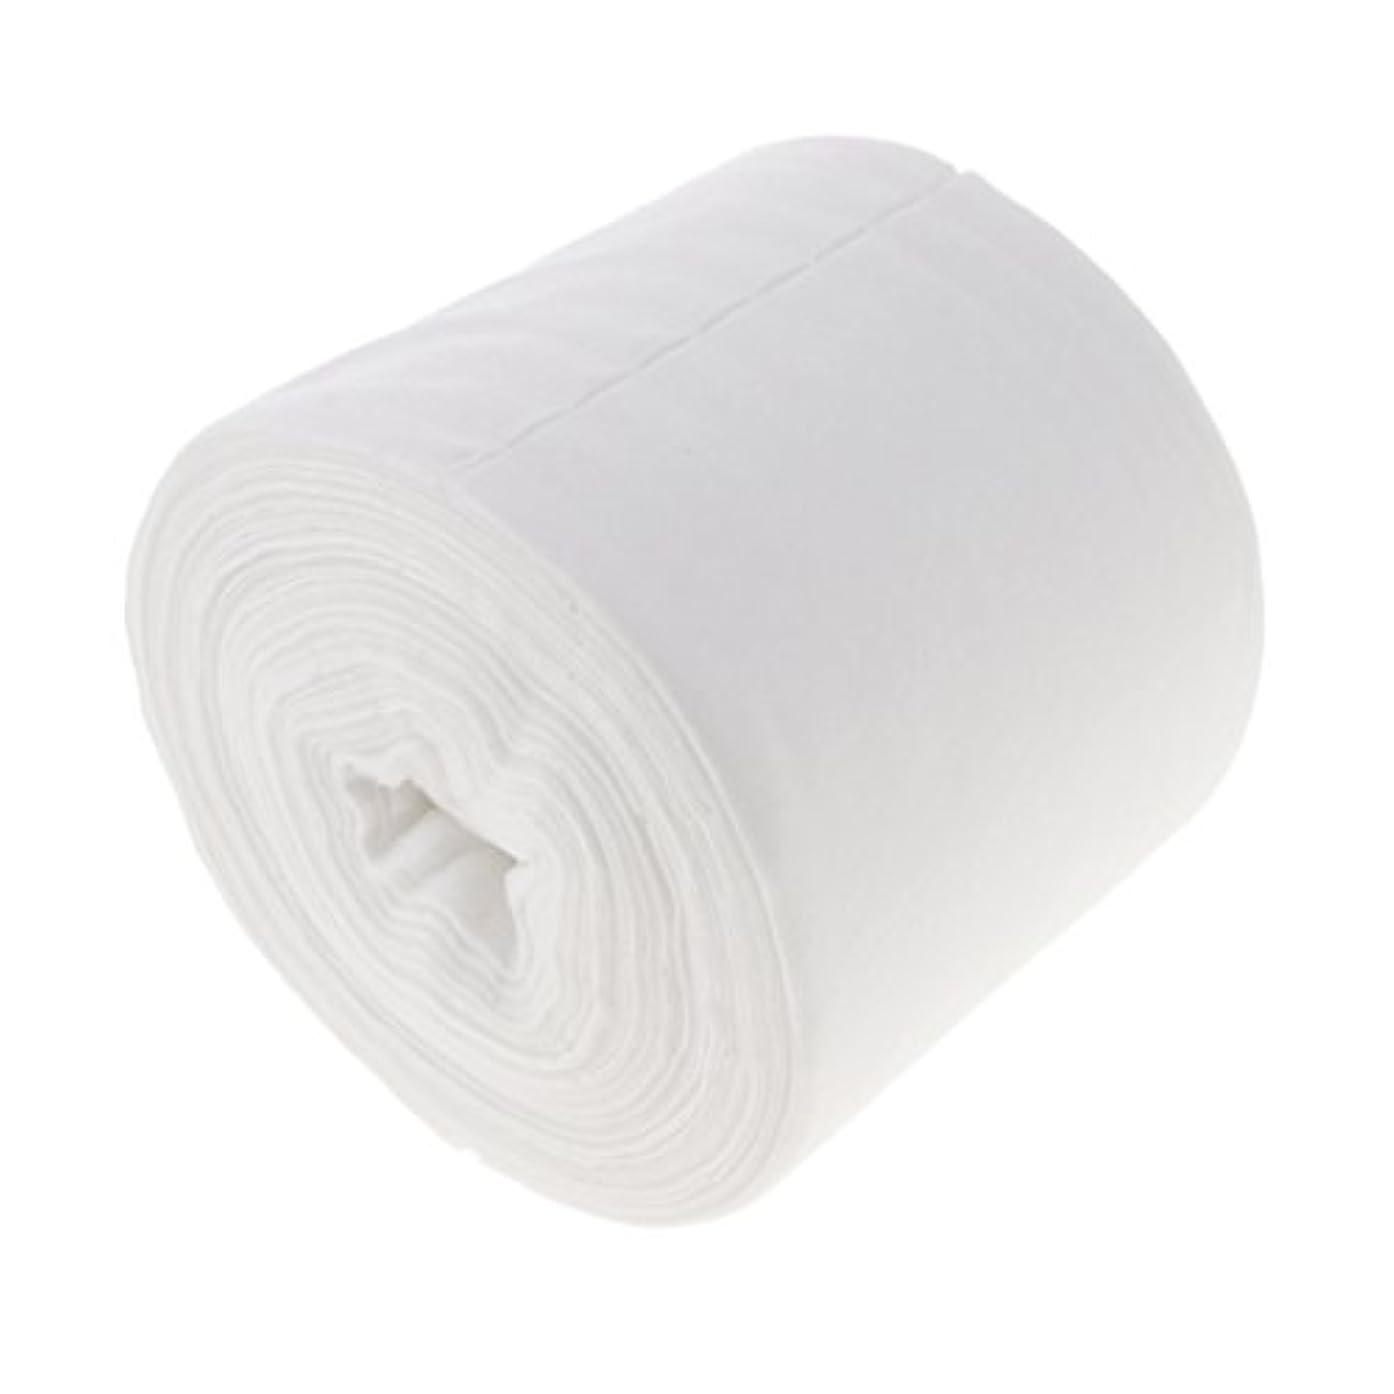 共和党眠り損なう洗顔 クリーニング タオル 使い捨て クレンジング メイク落とし スキンケア